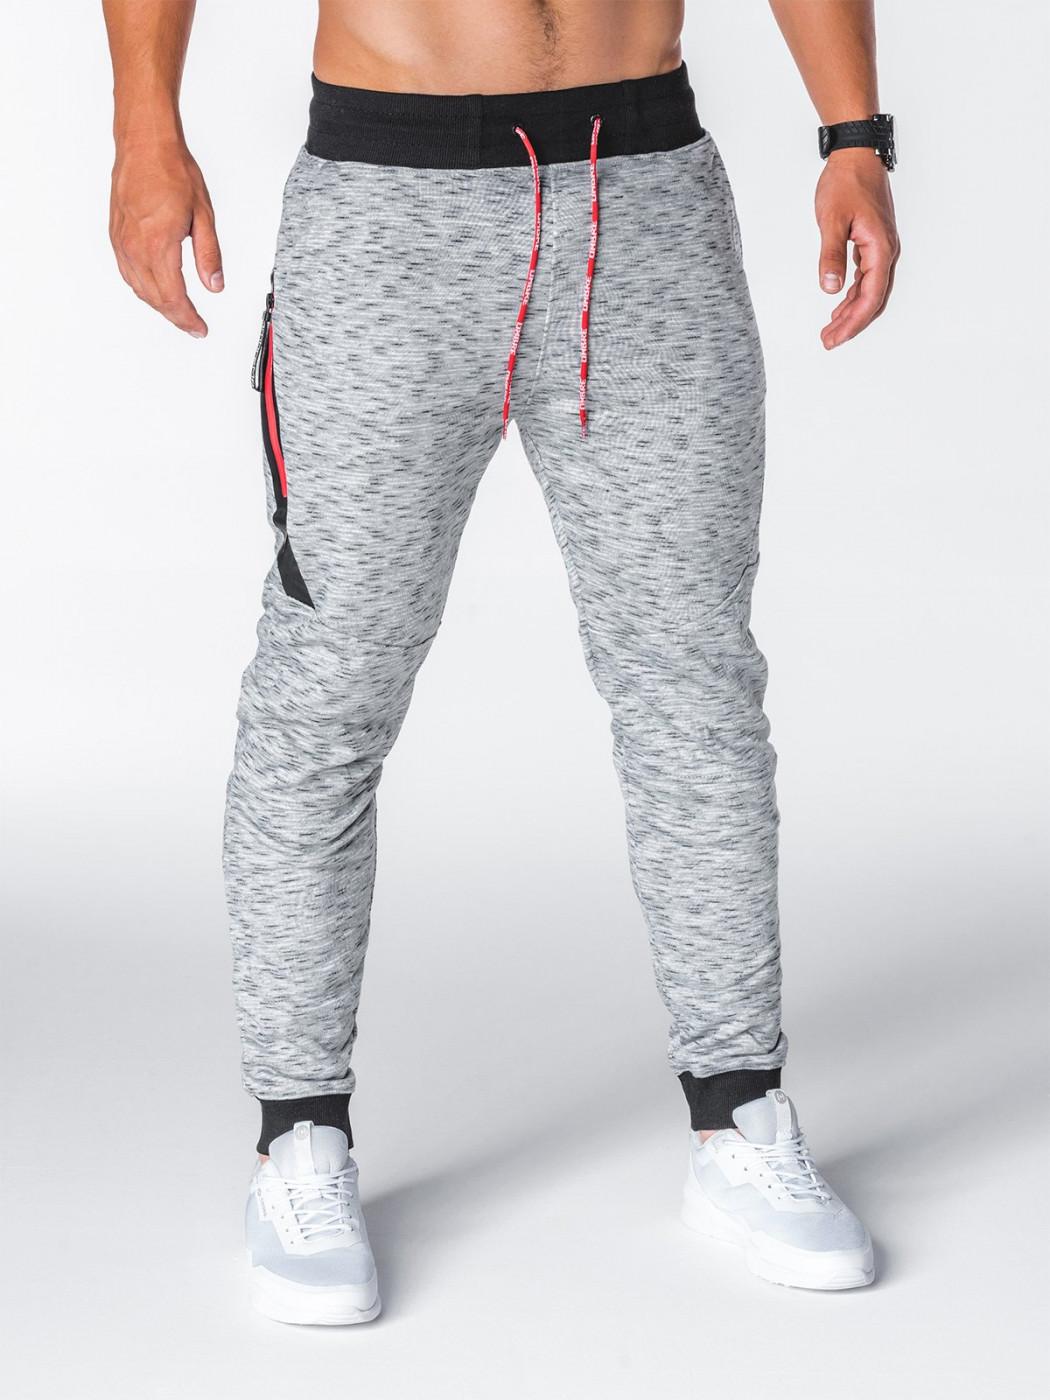 Ombre Clothing Men's sweatpants P643